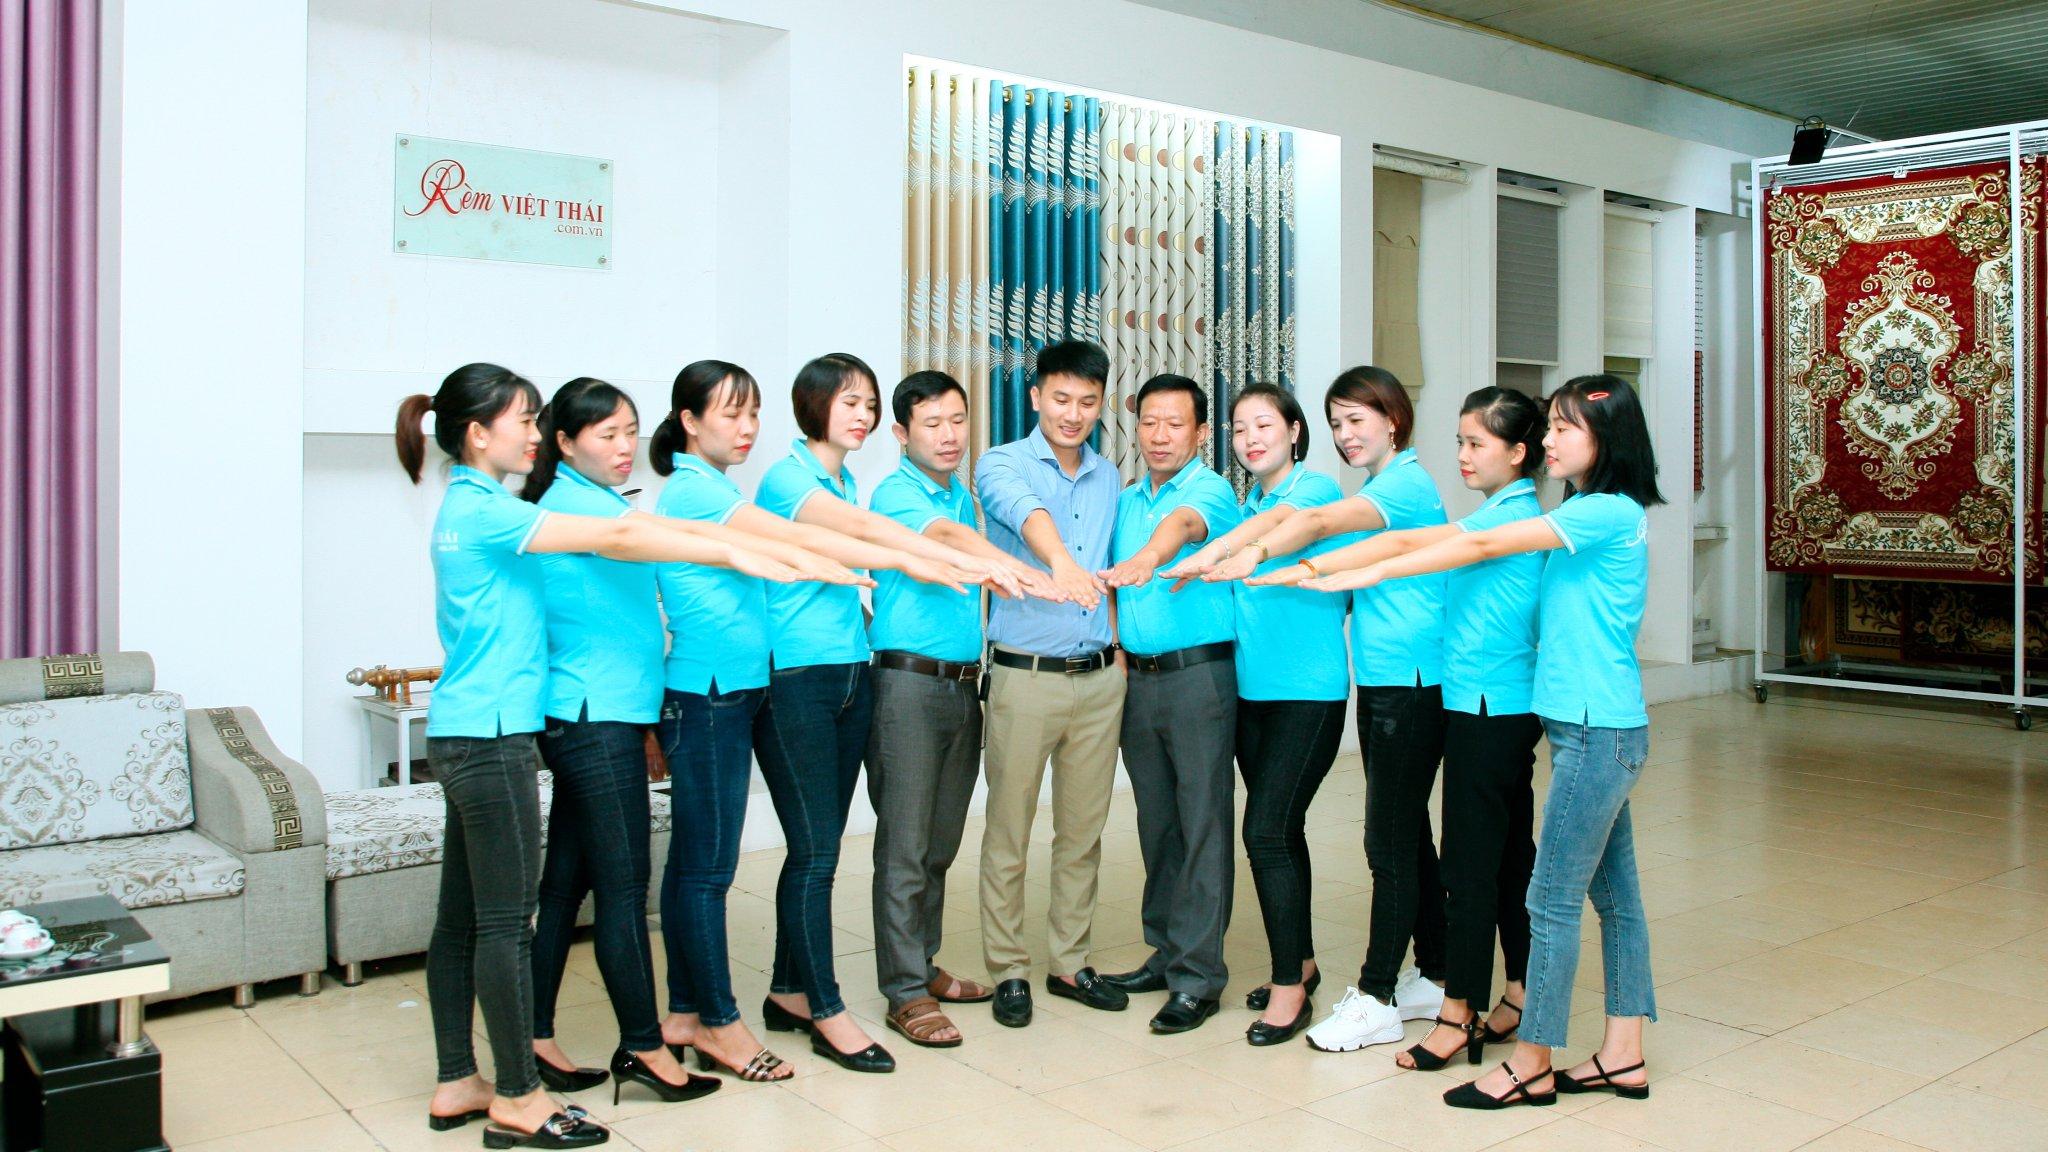 Rèm Việt Thái : Tuyển dụng nhân viên kinh doanh